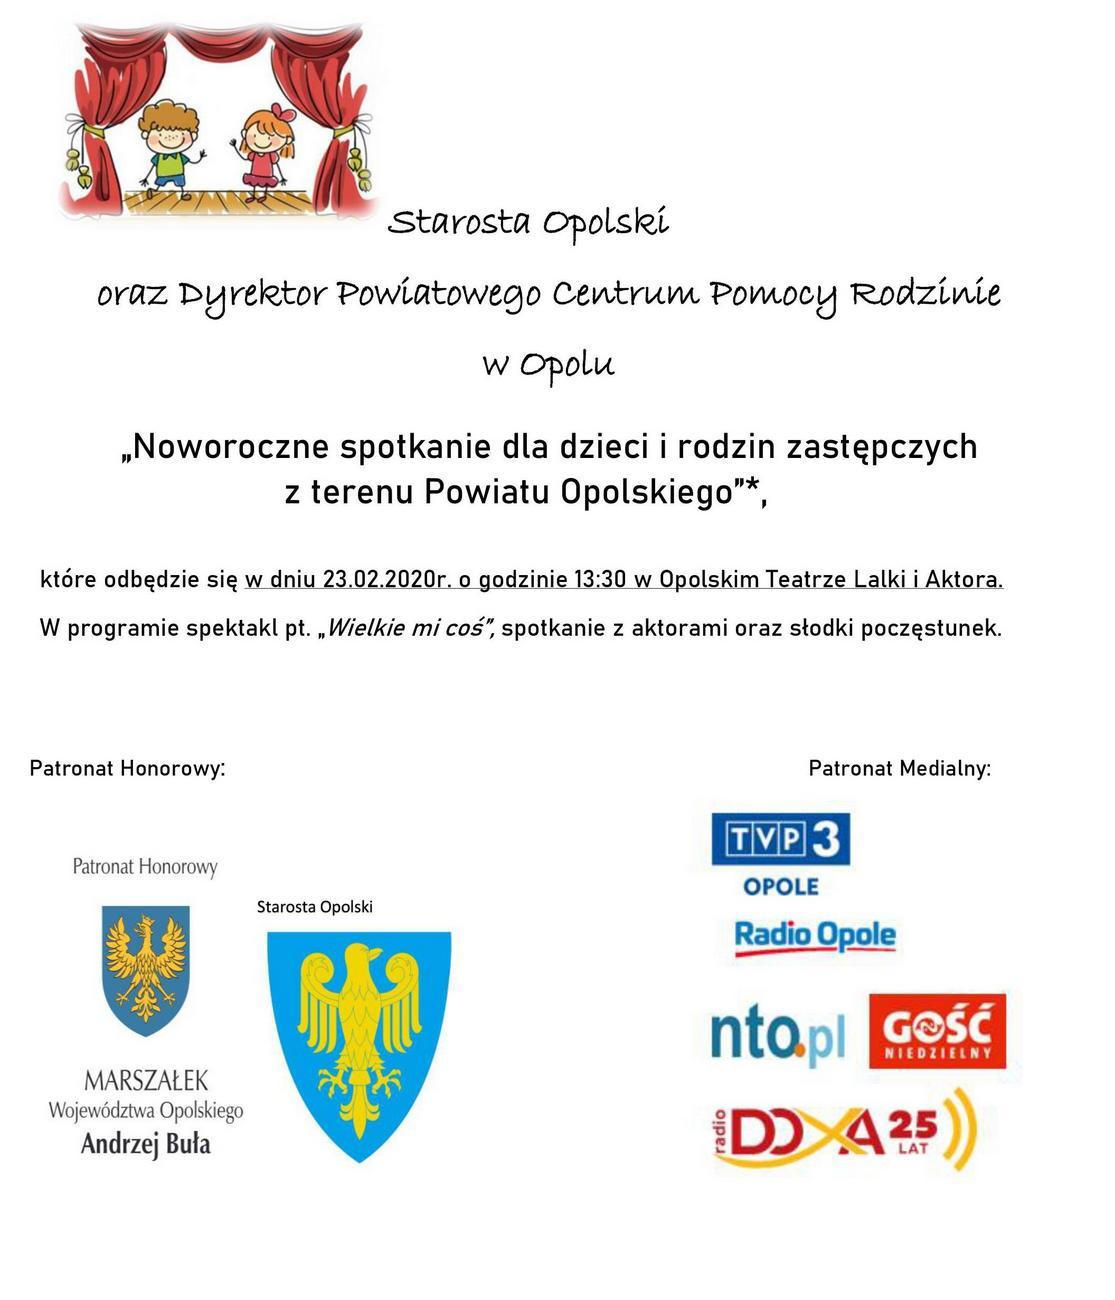 Noworoczne spotkanie dla dzieci i rodzin zastępczych z terenu powiatu opolskiego [materiały organizatora]